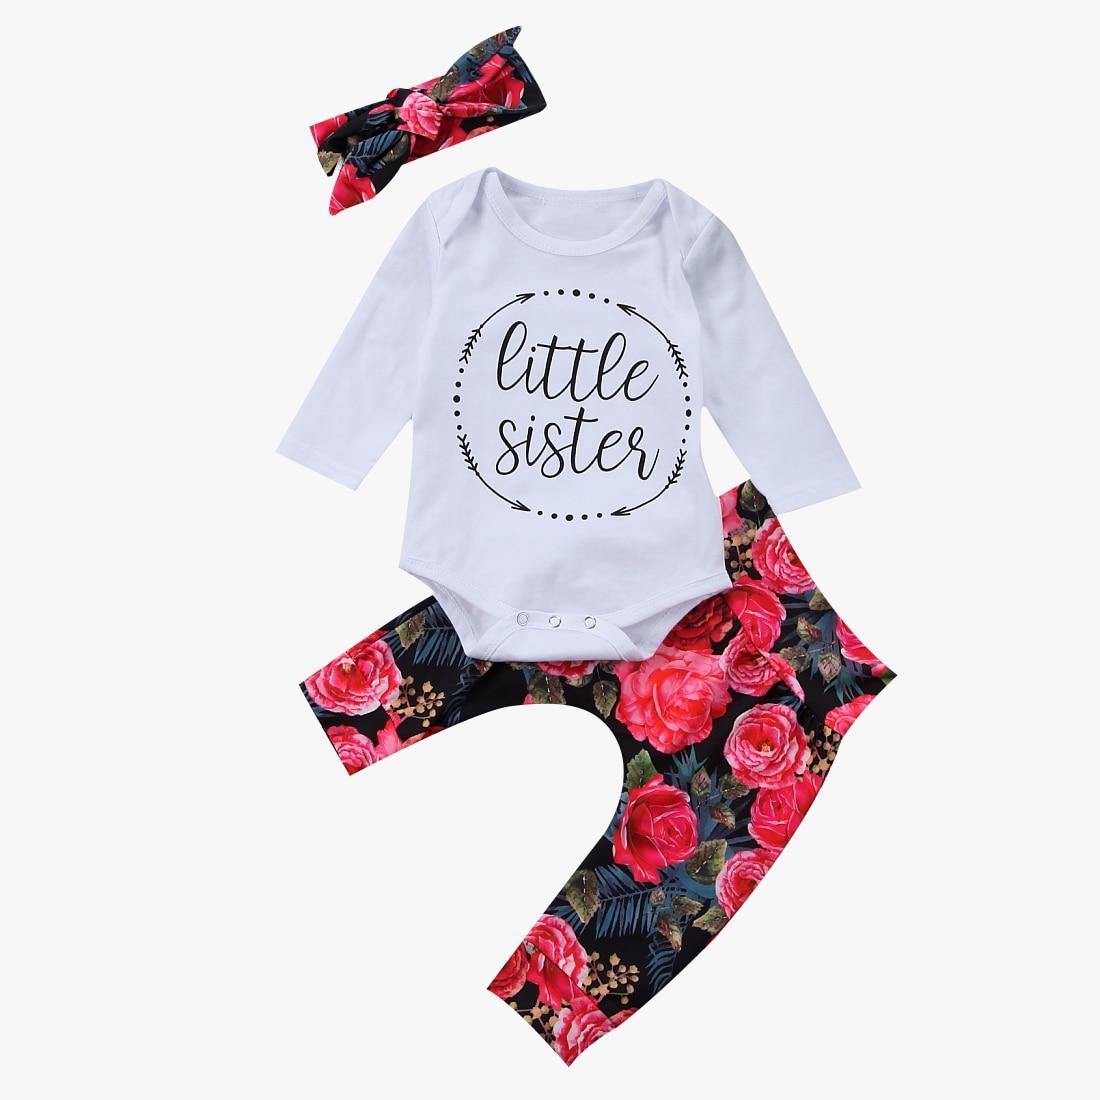 3 piezas nuevo estilo recién nacido bebé Niñas Ropa de manga larga Tops Romper flor pantalones trajes ropa de bebé conjunto 0 A 18 M